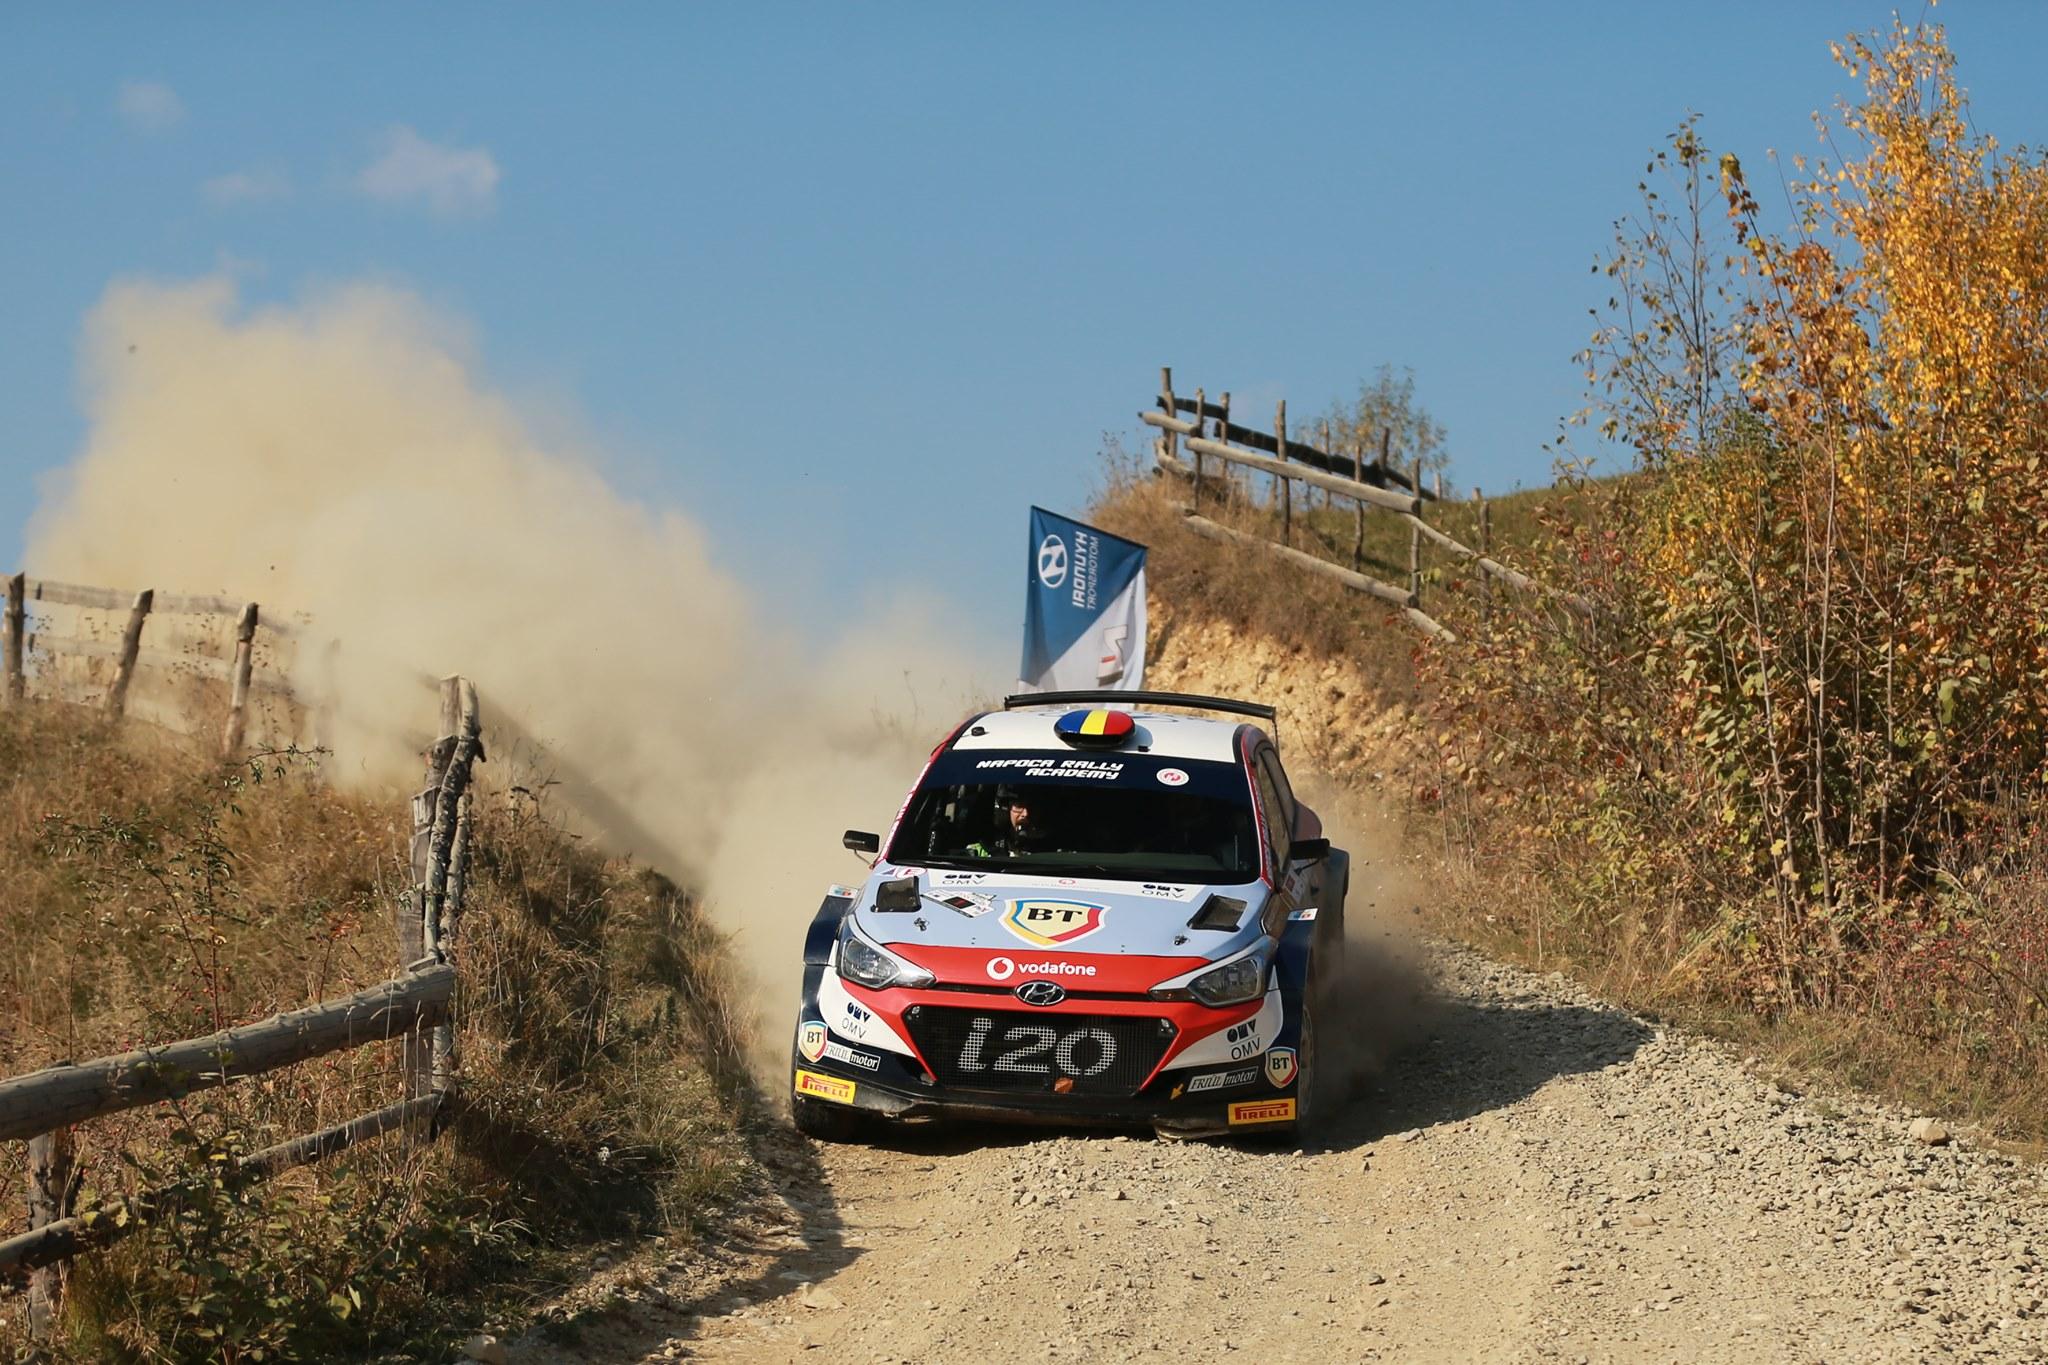 Simone Tempestini a câștigat TESS Rally 48 și a devenit din nou campion național absolut